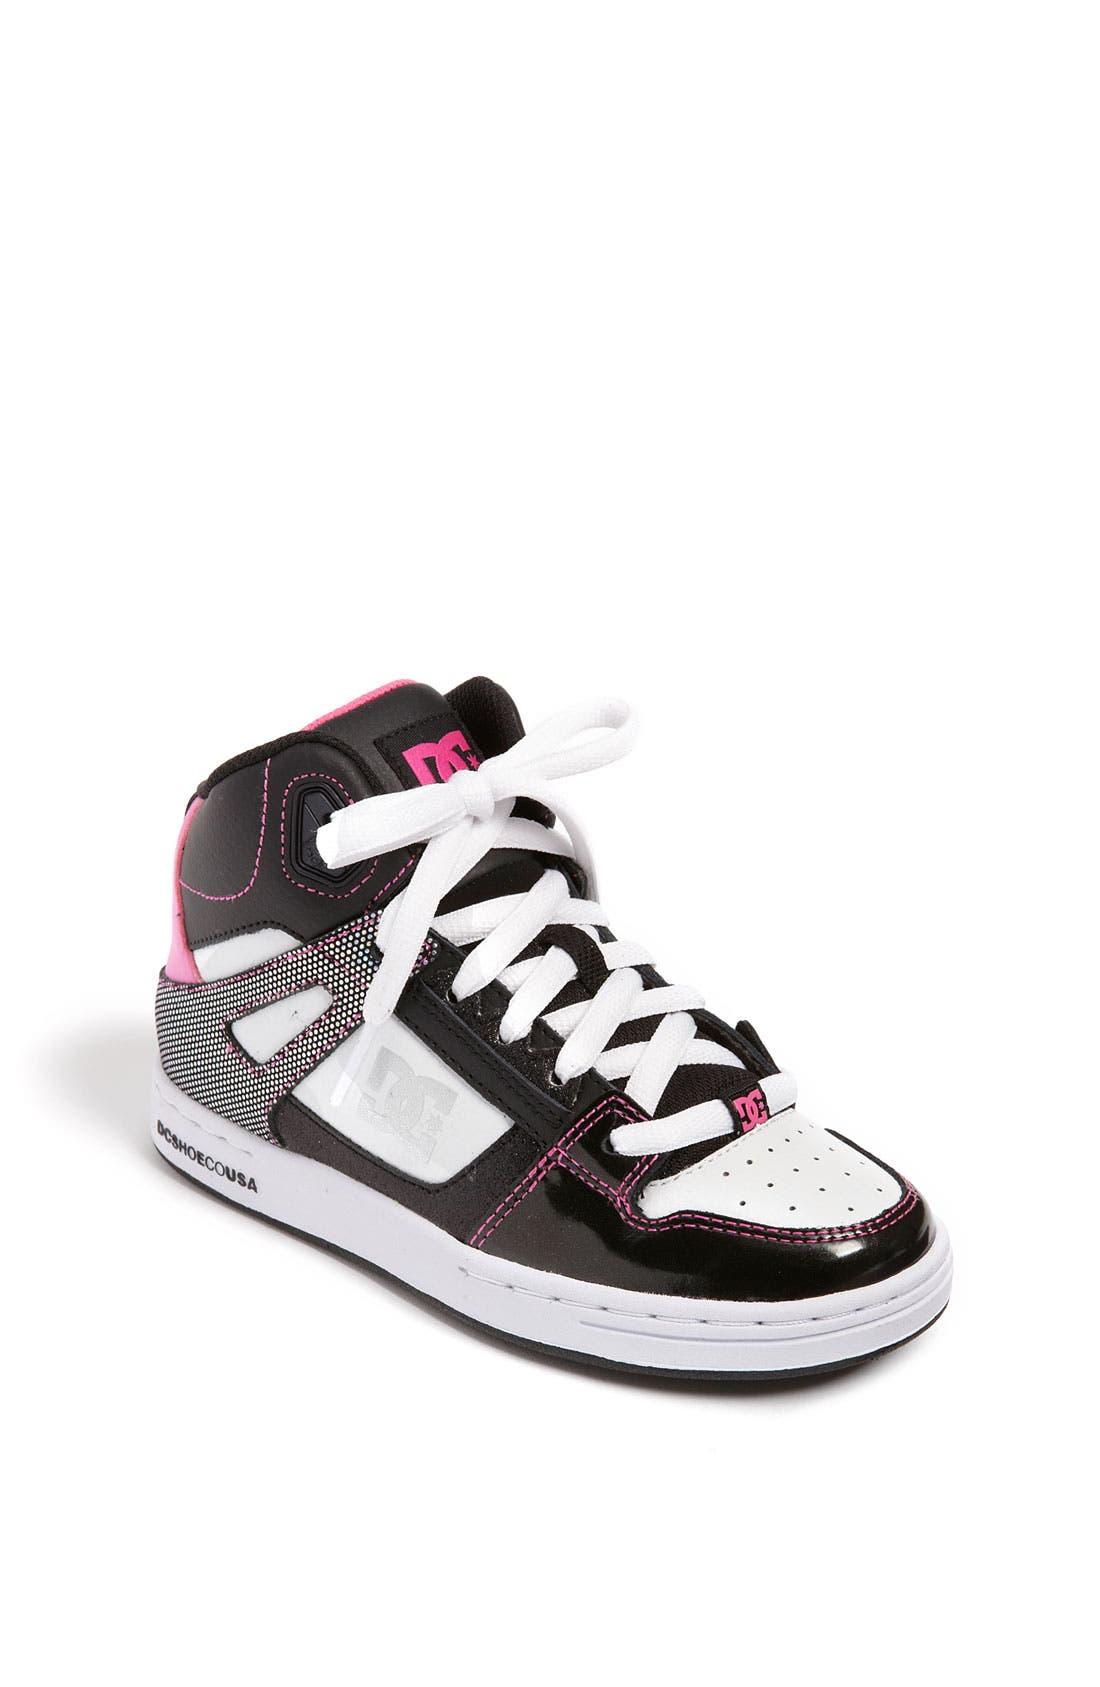 Alternate Image 1 Selected - DC Shoes 'Rebound' Skate Shoe (Little Kid & Big Kid)